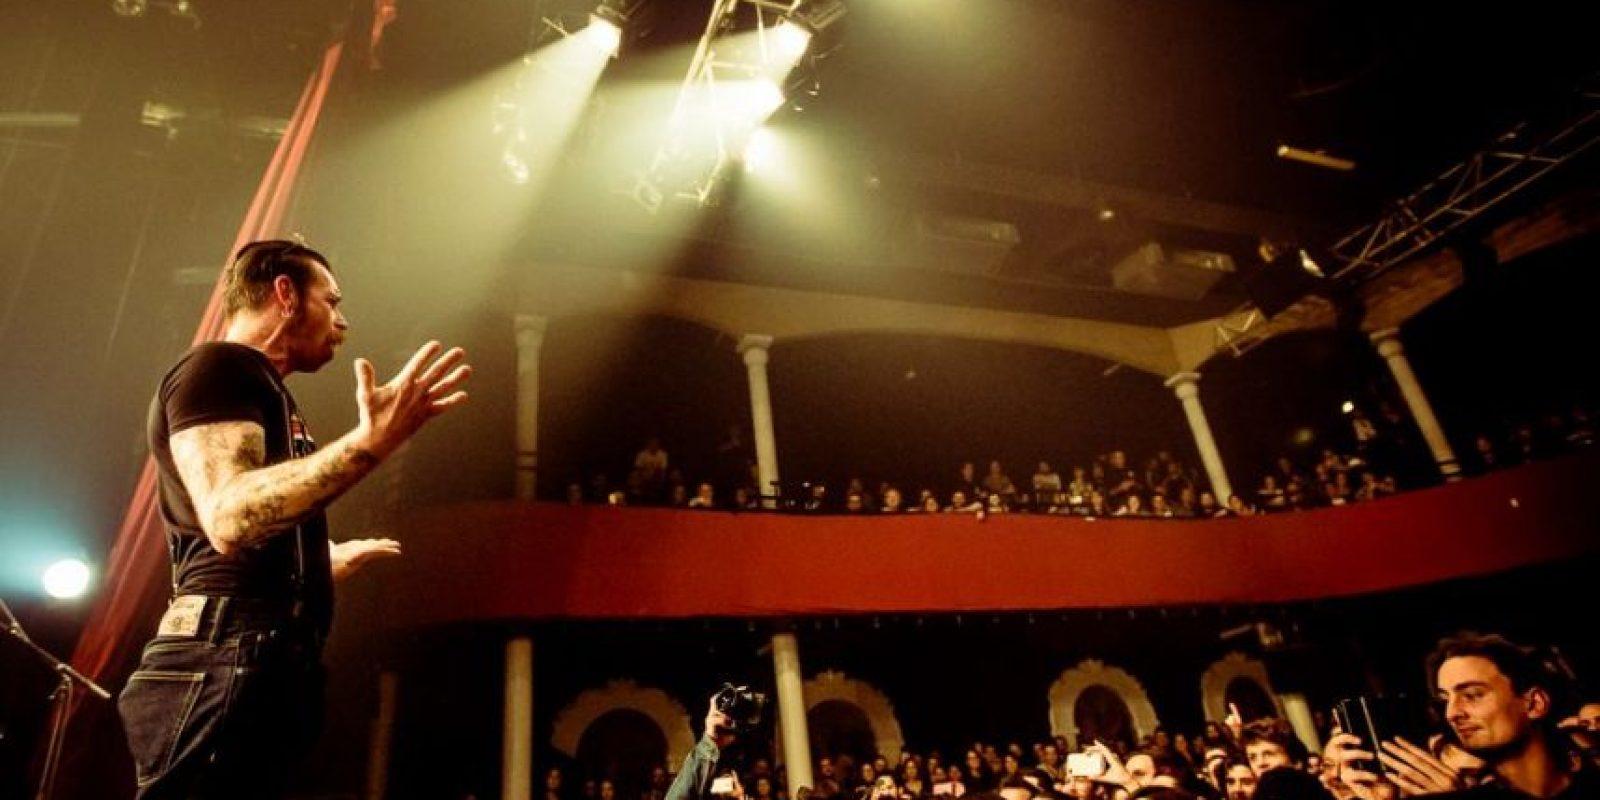 Así se vivía la noche de aquel 13 de noviembre Foto:Facebook.com/manuwino